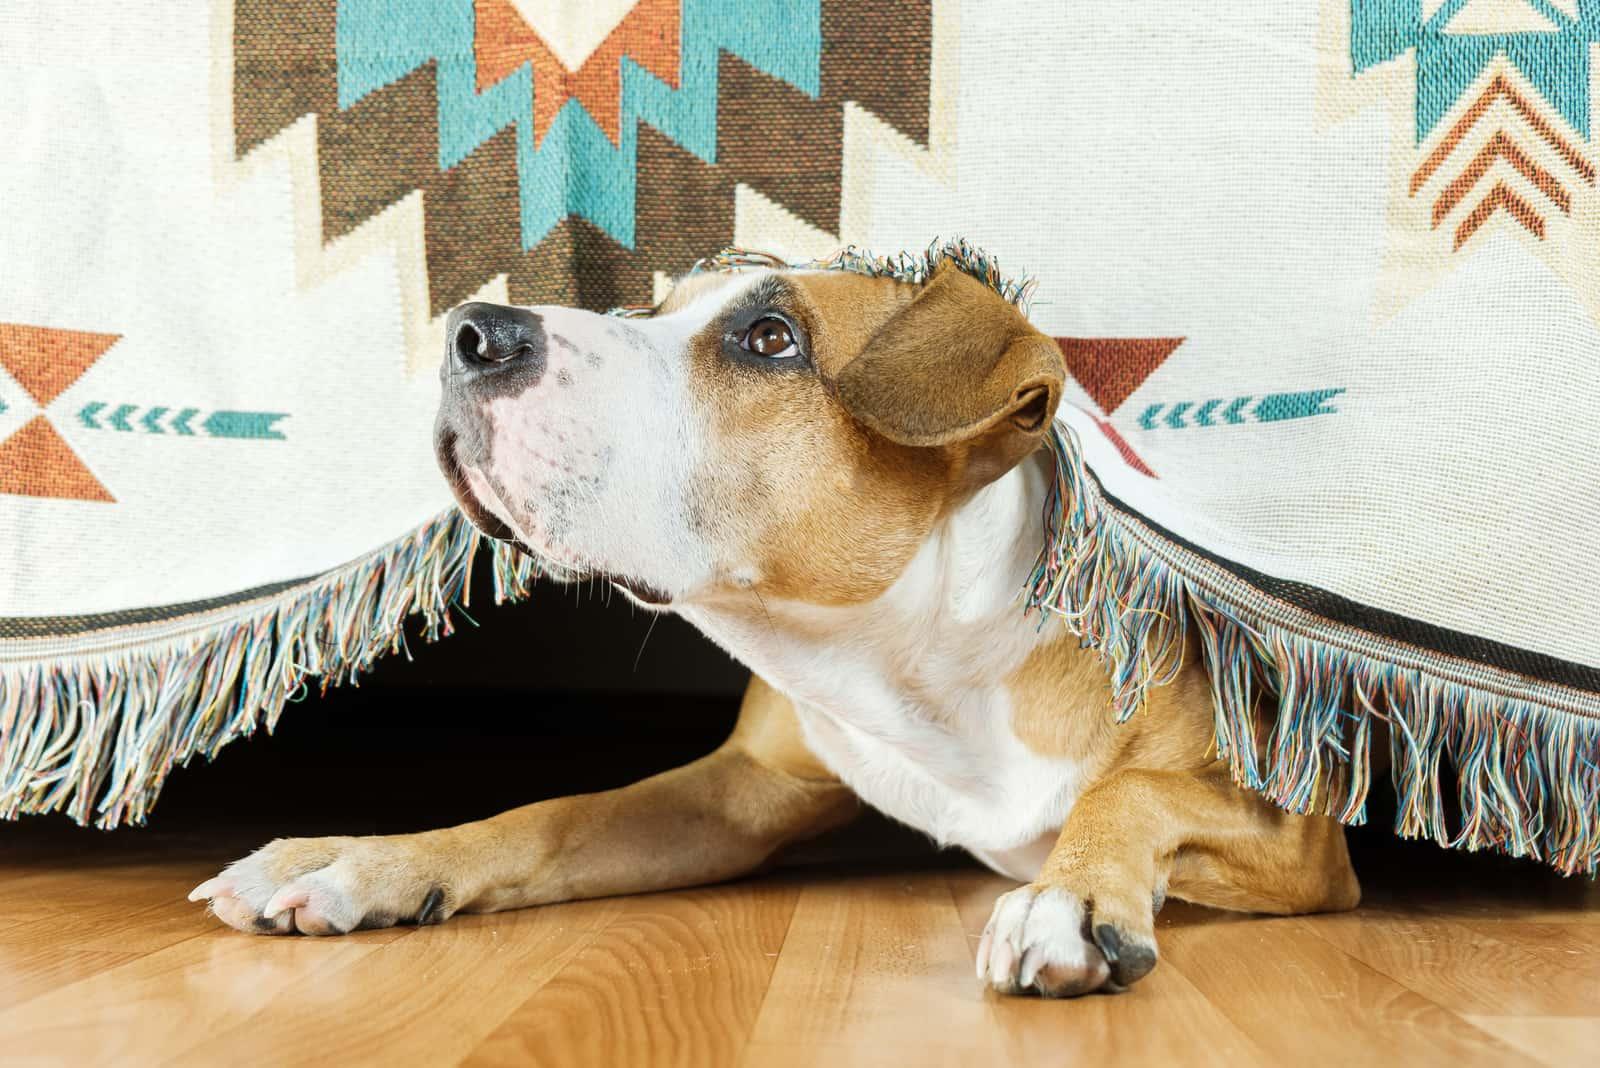 Hund versteckt sich unter dem Sofa und schaut erschrocken auf